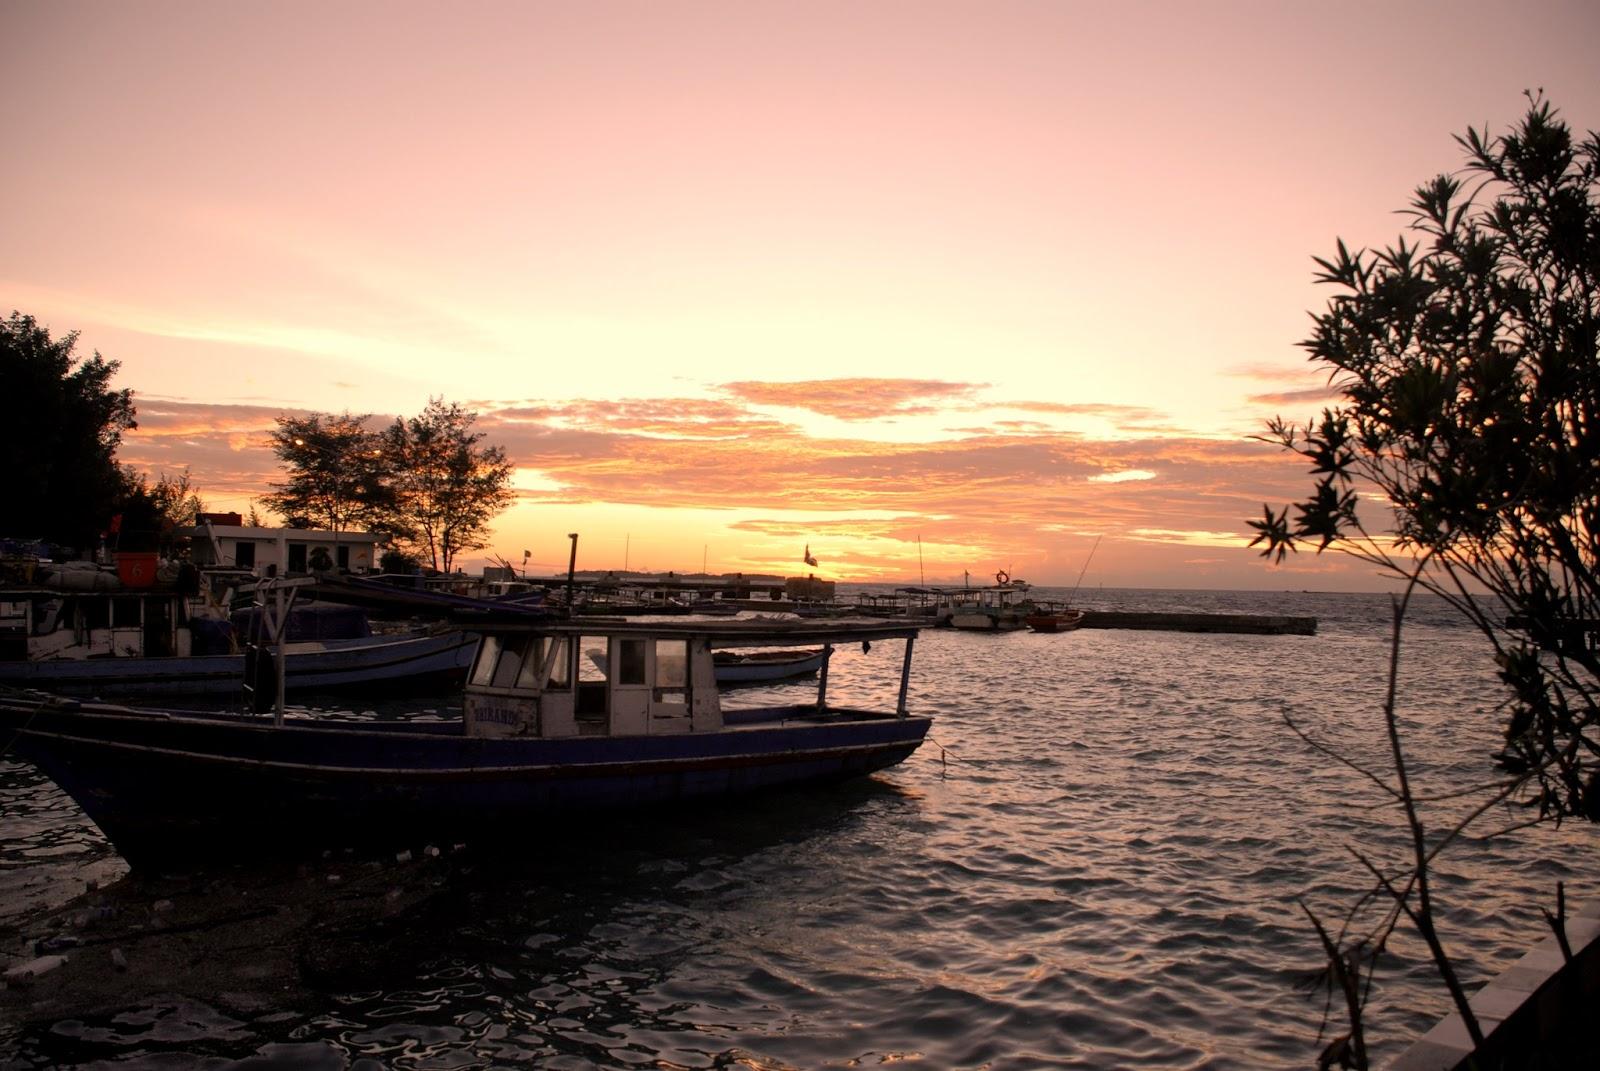 Wisata Taman Nasional Laut Kepulauan Seribu - Parawisata ...